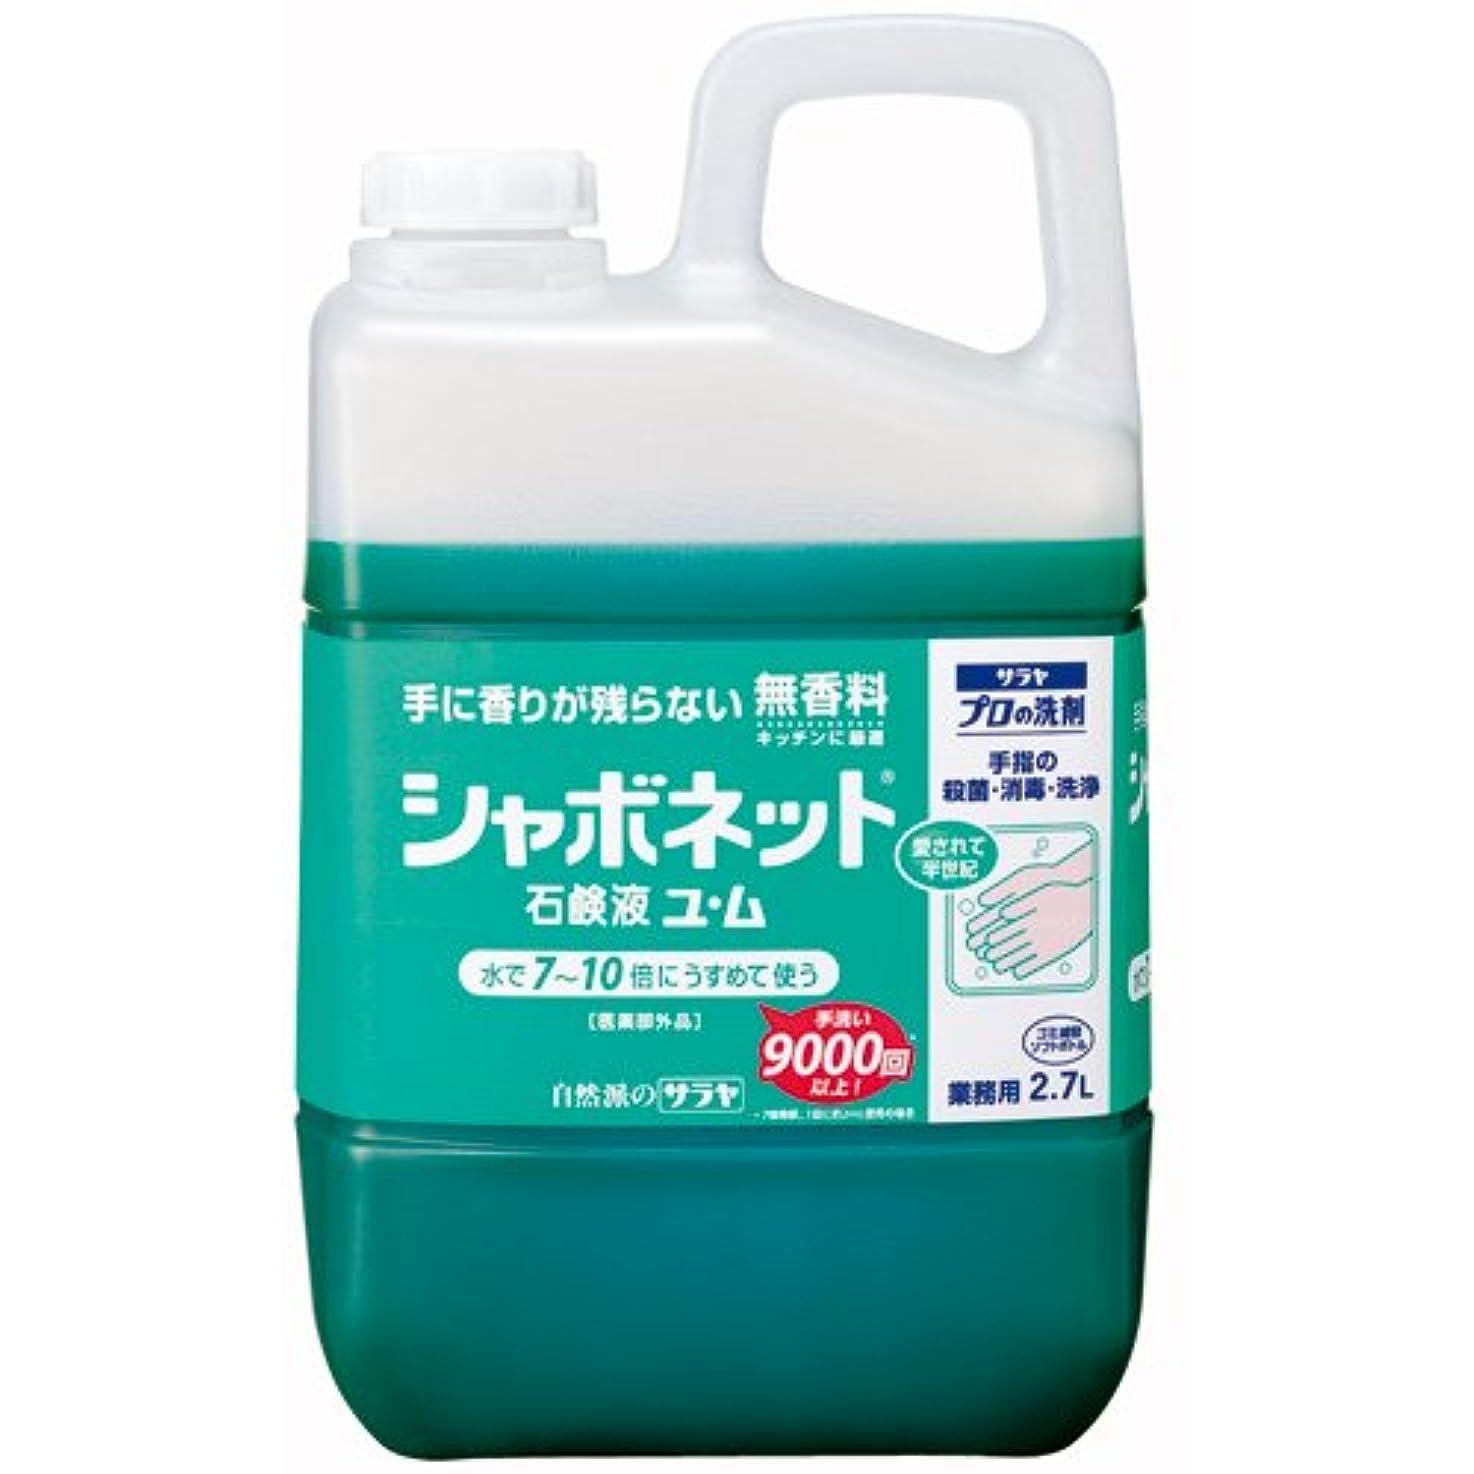 アジャ慰め物語サラヤ シャボネット石鹸液 ユ?ム 無香料 業務用 2.7L